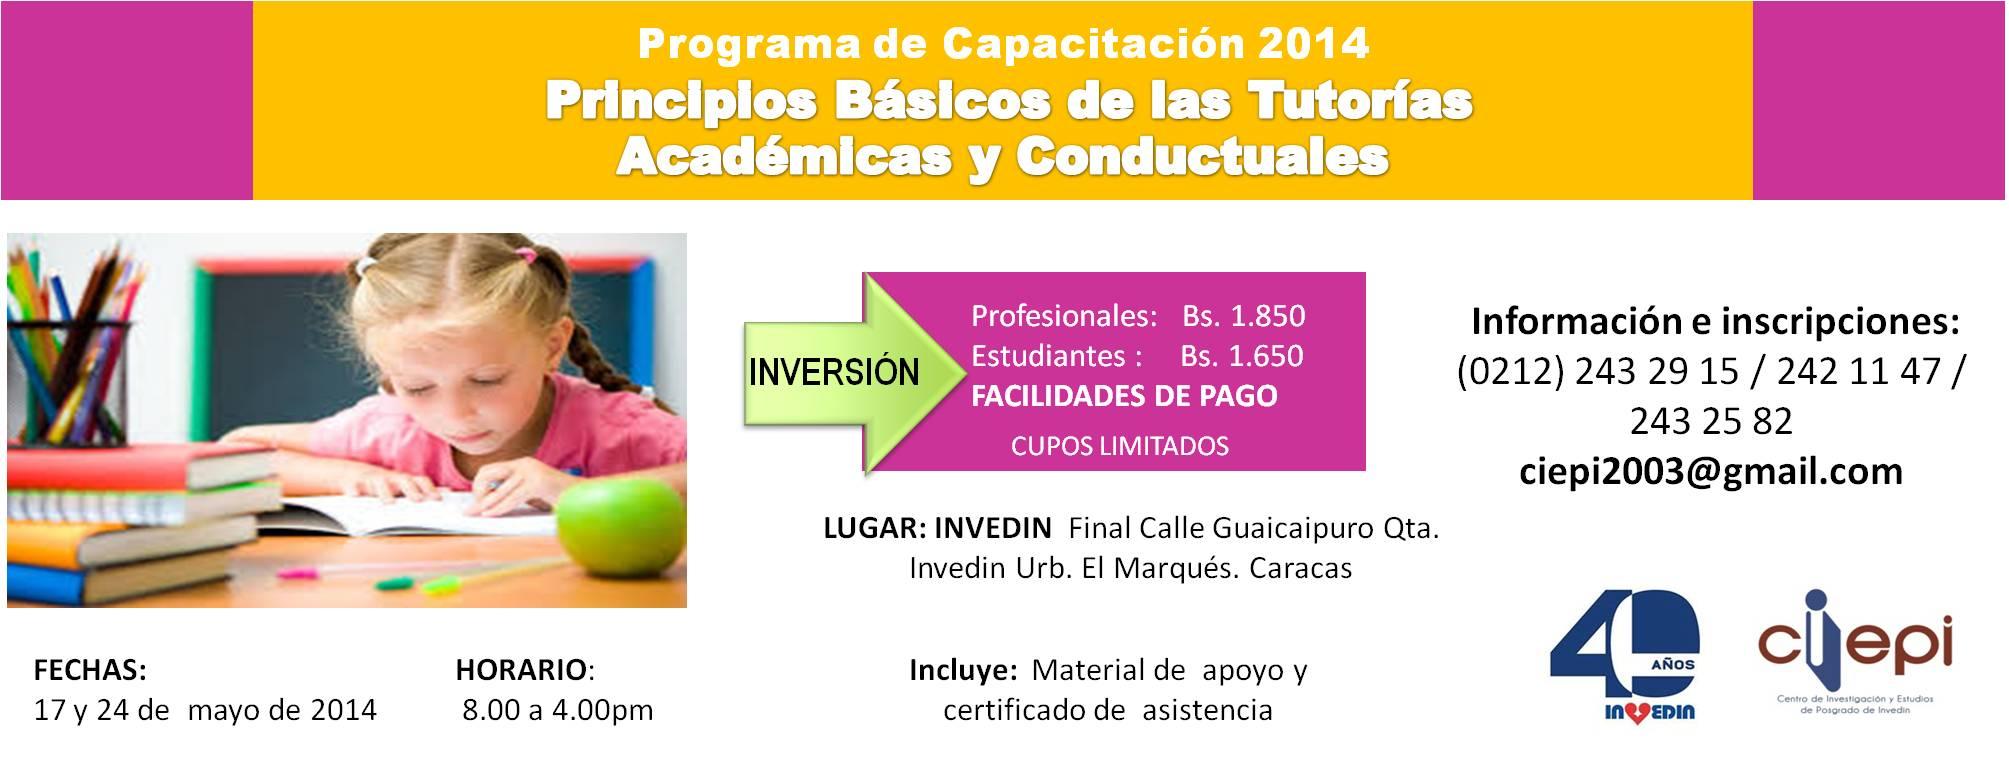 Programa de Capacitación 2014  Principios Básicos de las Tutorías  Académicas y Conductuales